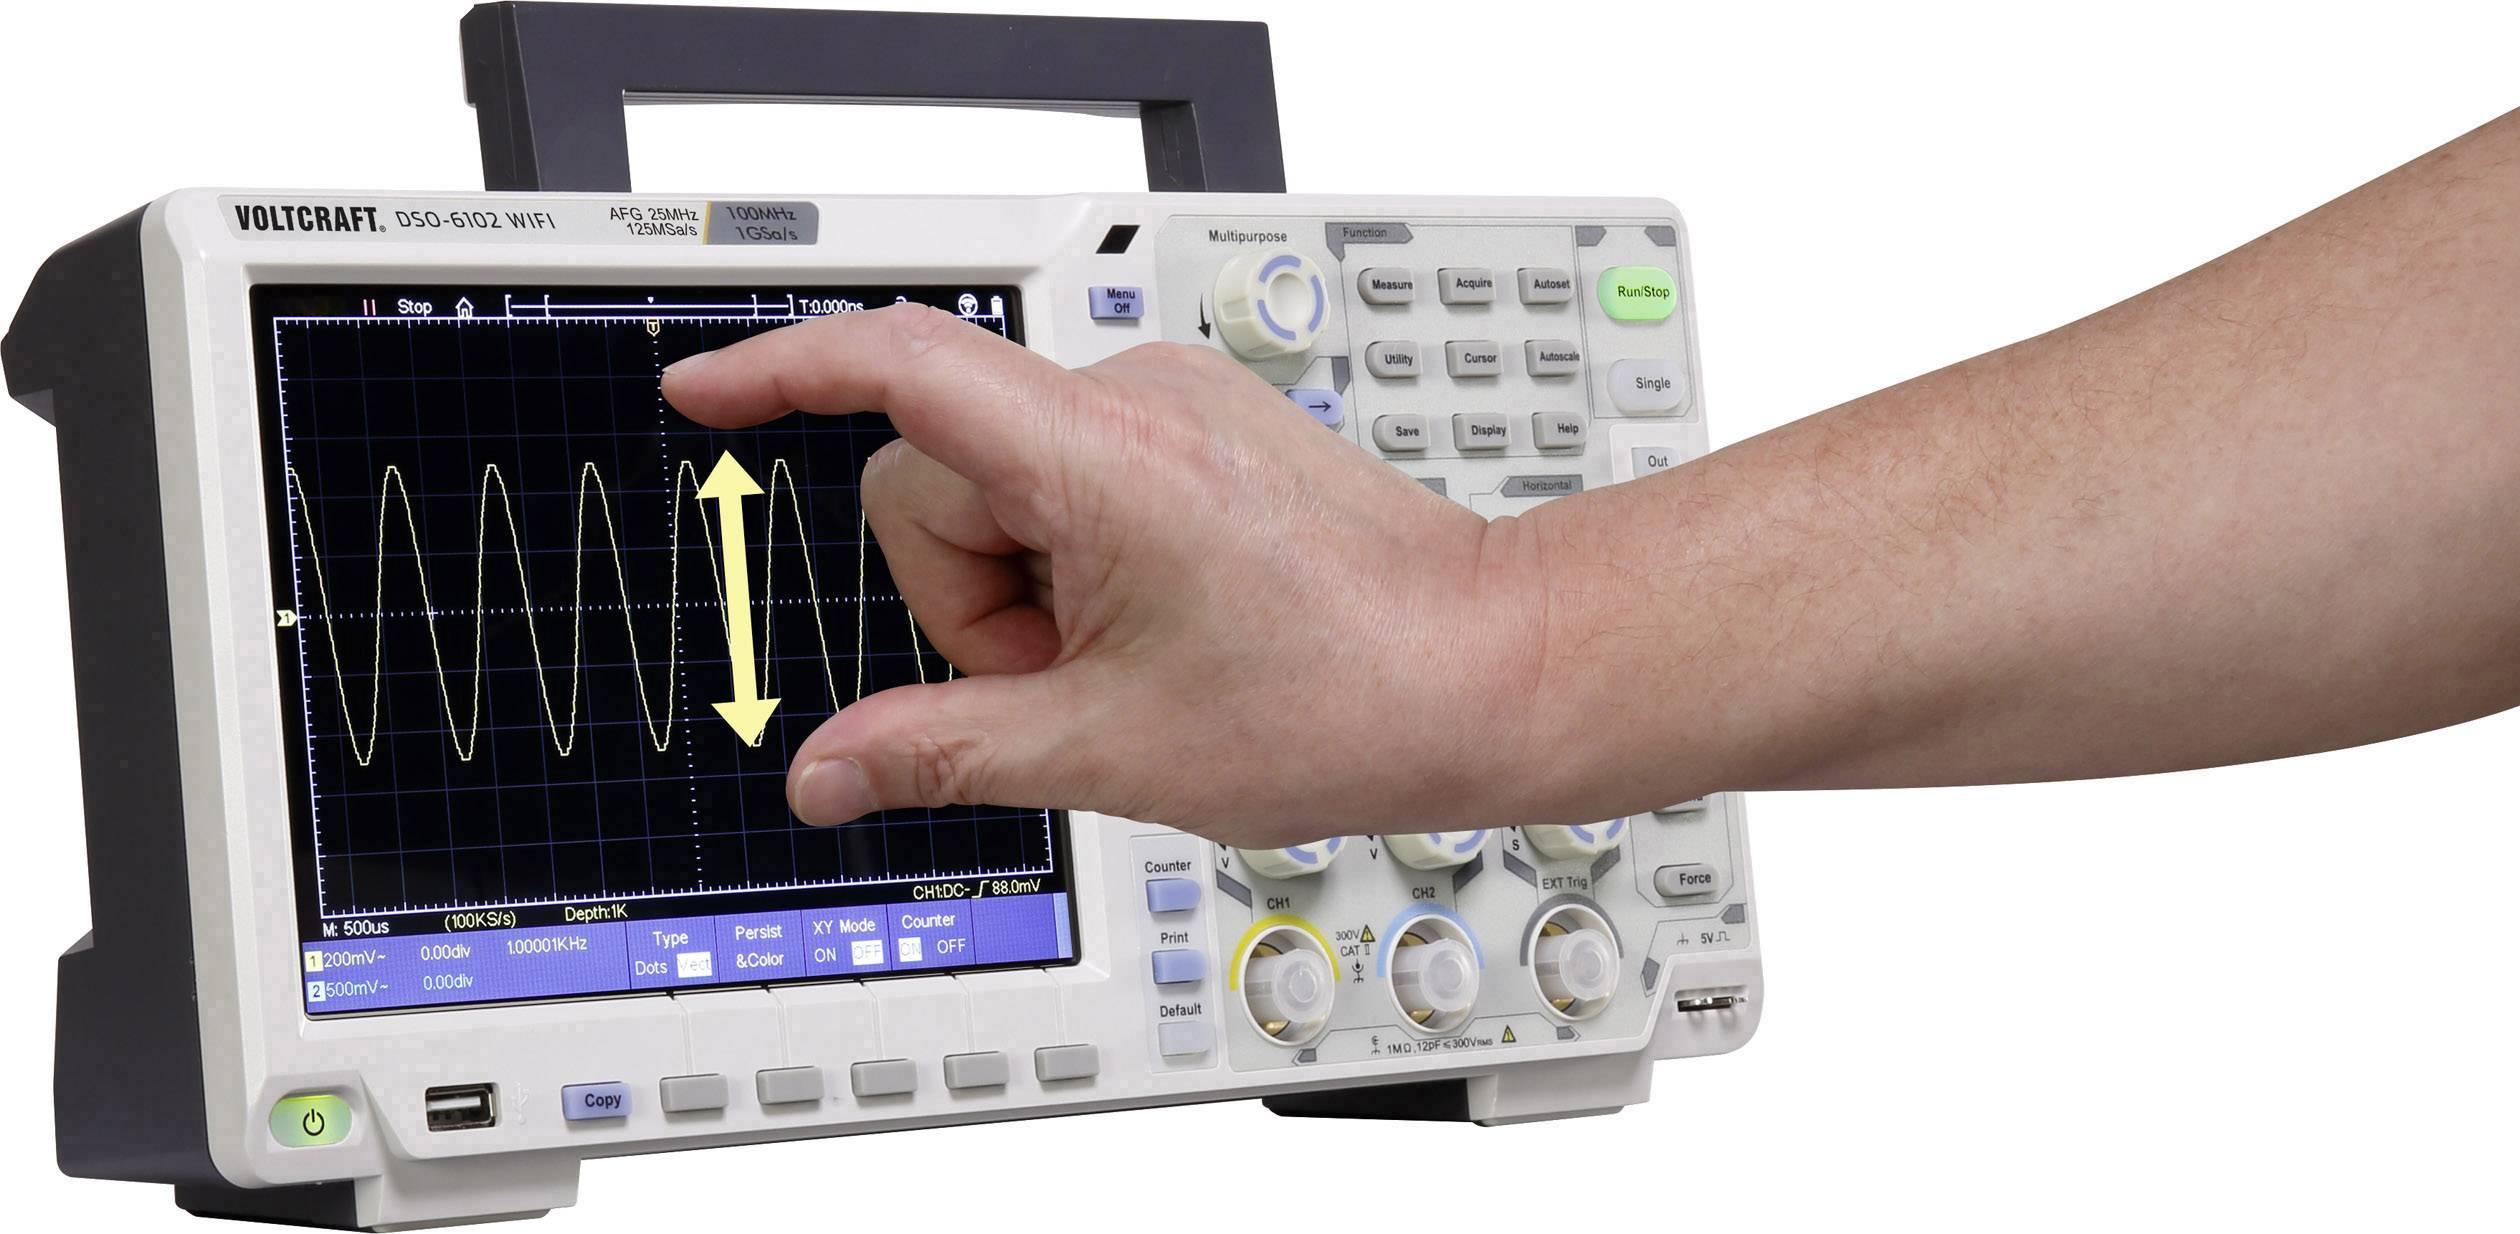 Digitální osciloskop VOLTCRAFT DSO-6102WIFI, 100 MHz, 2kanálový